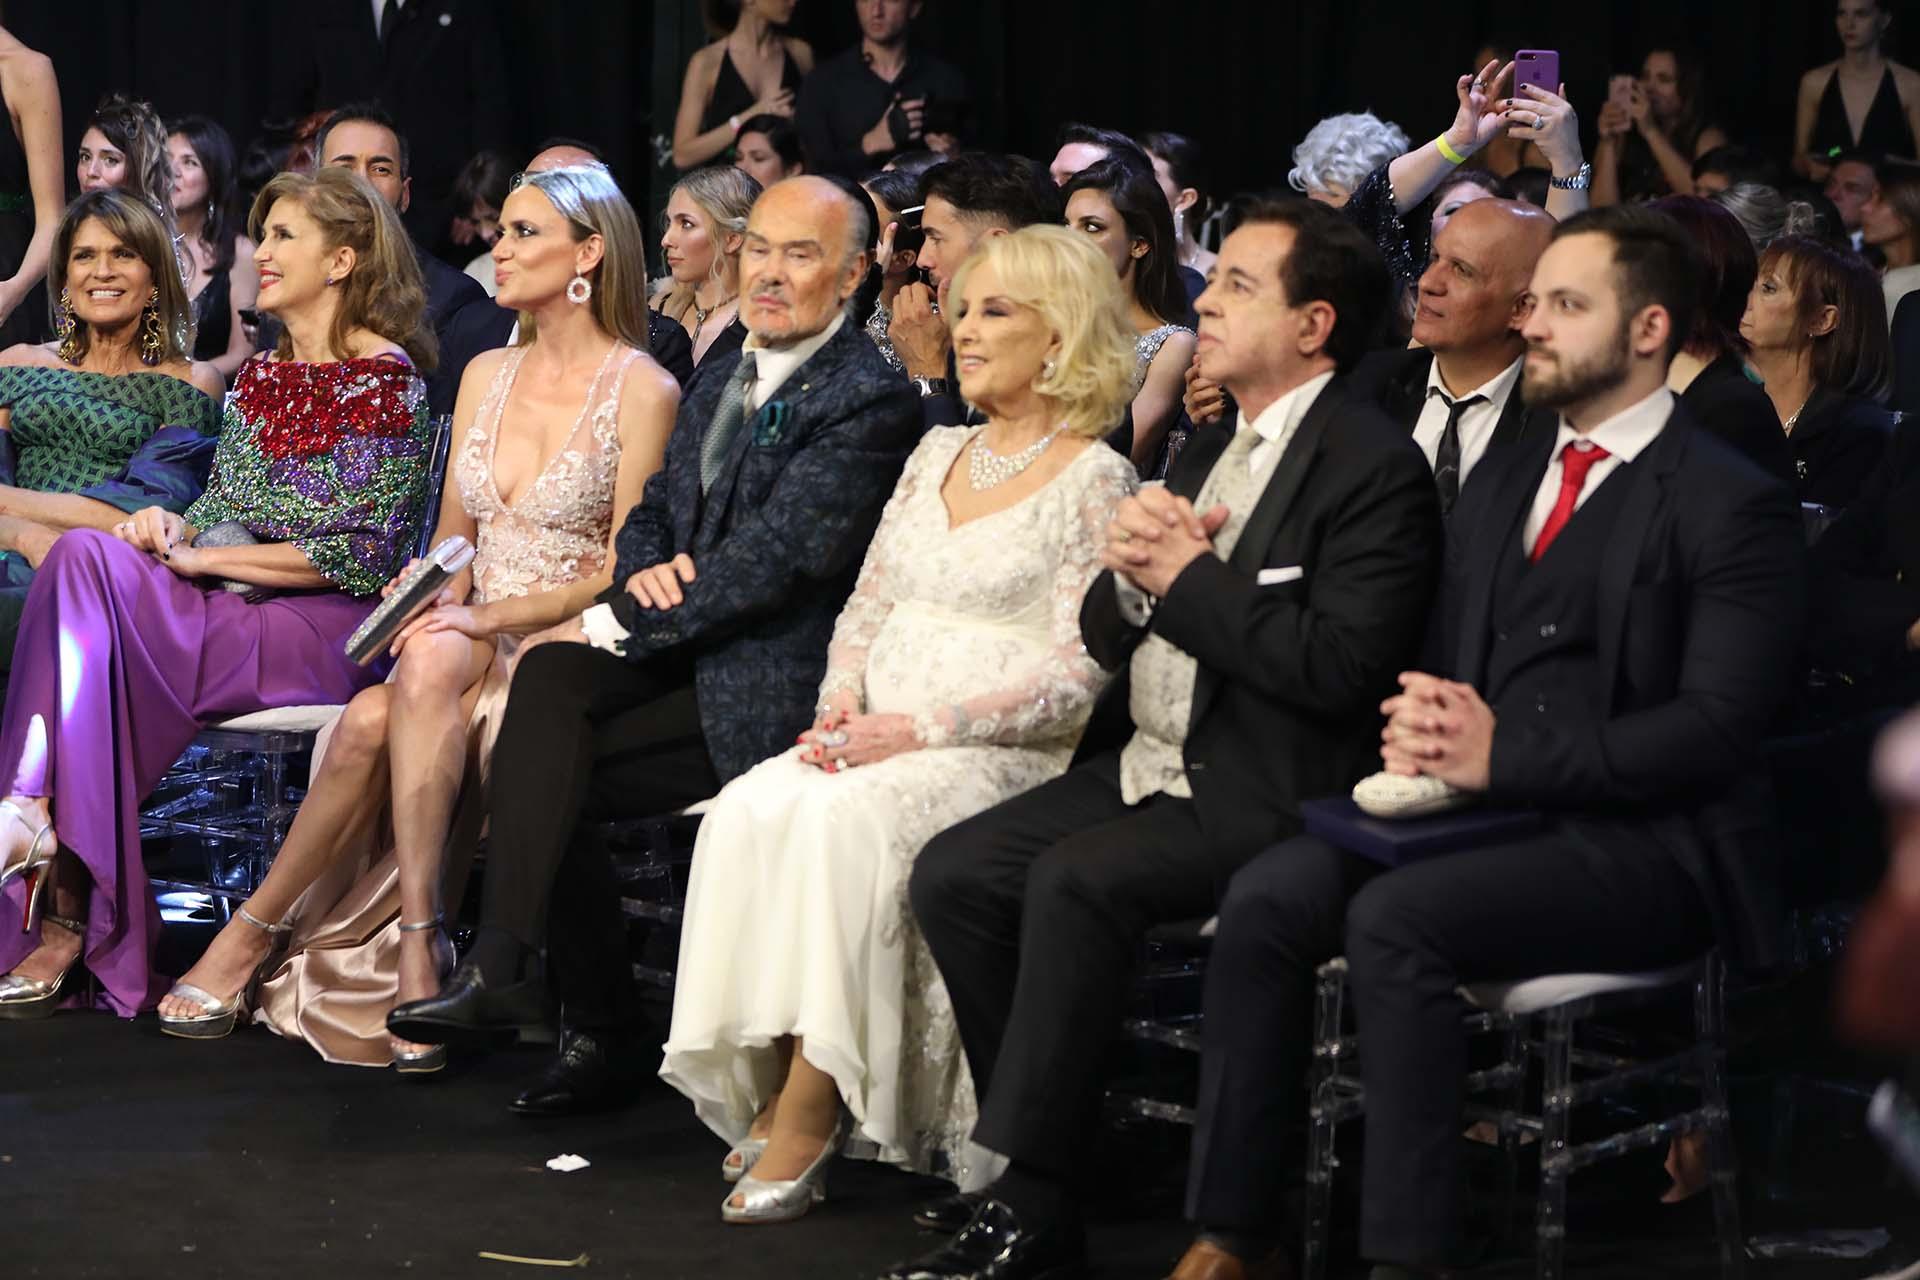 El front row de la noche: Mirtha no se perdió detalle de toda la ceremonia junto a Héctor Vidal Rivas